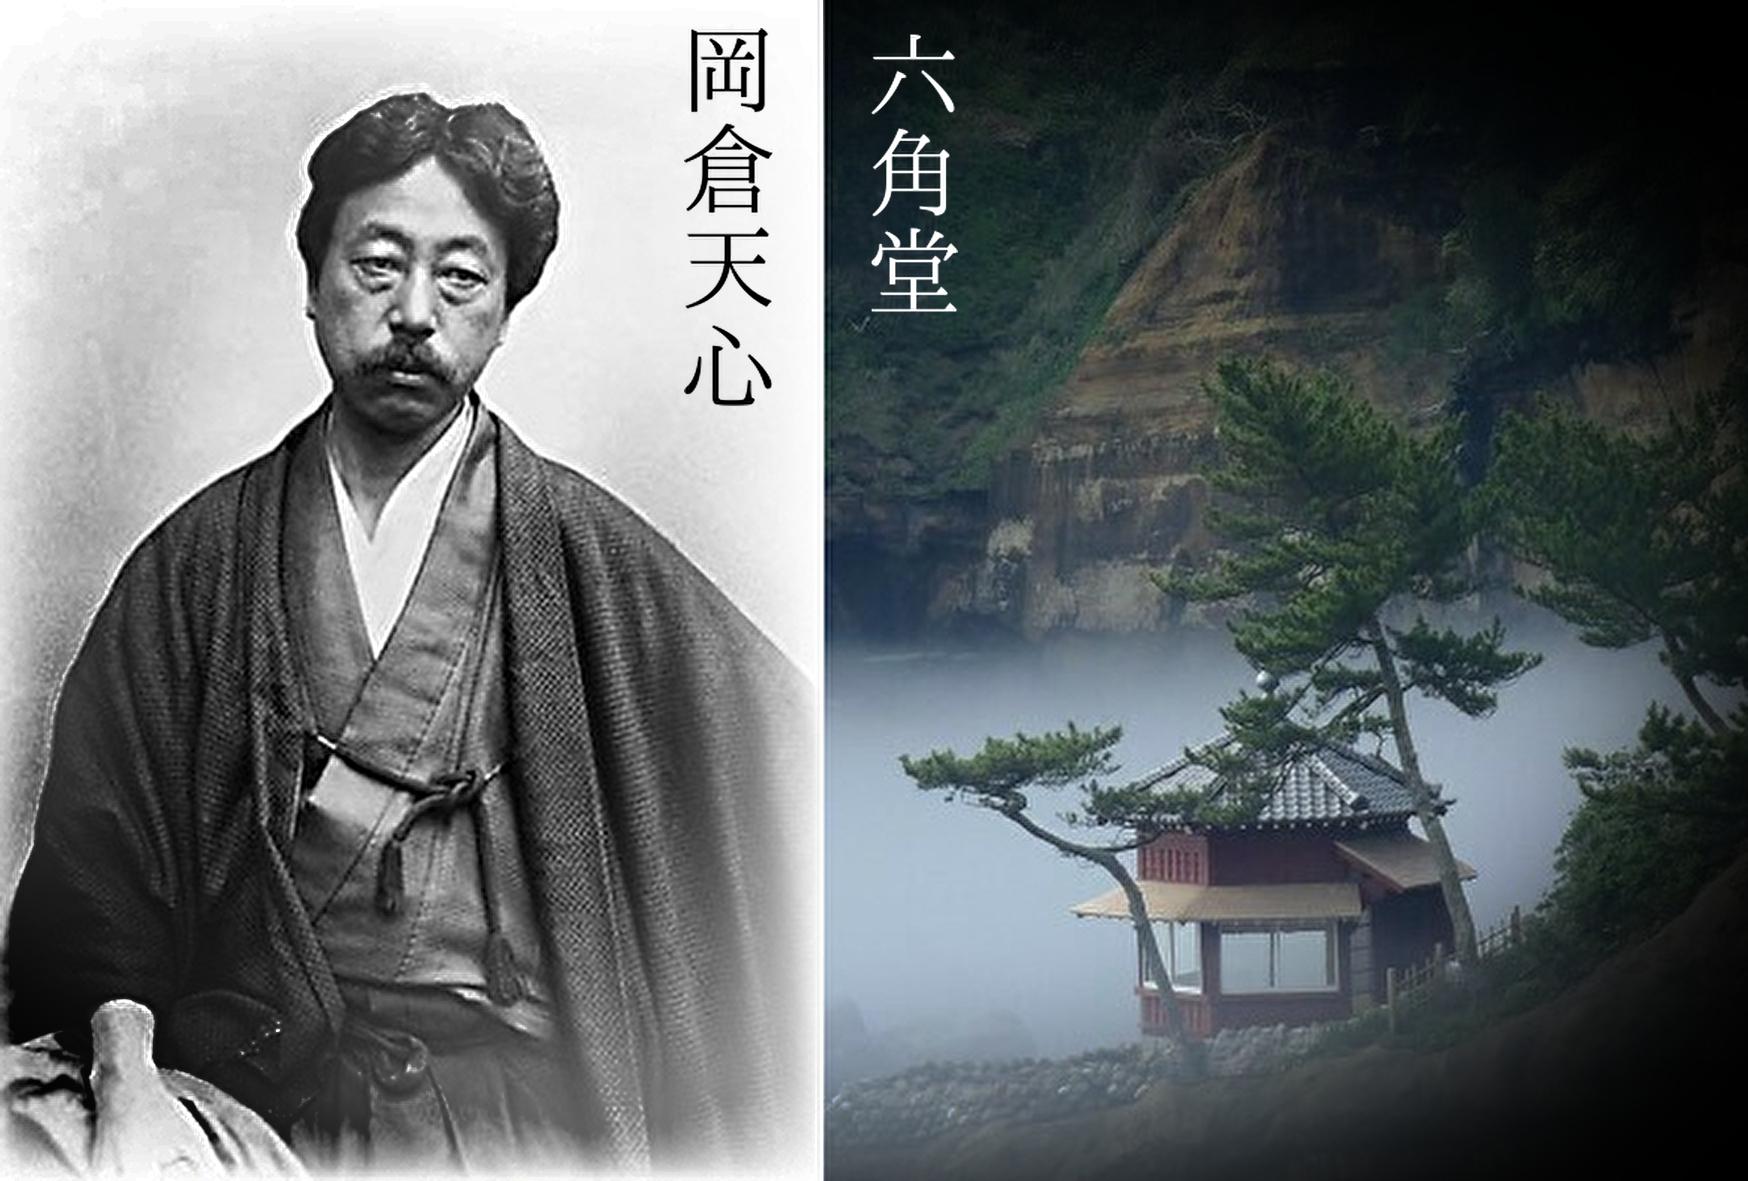 【前編】「茶の本」の作者 岡倉天心とは?日本美術を信じた男の波乱万丈の人生を紹介